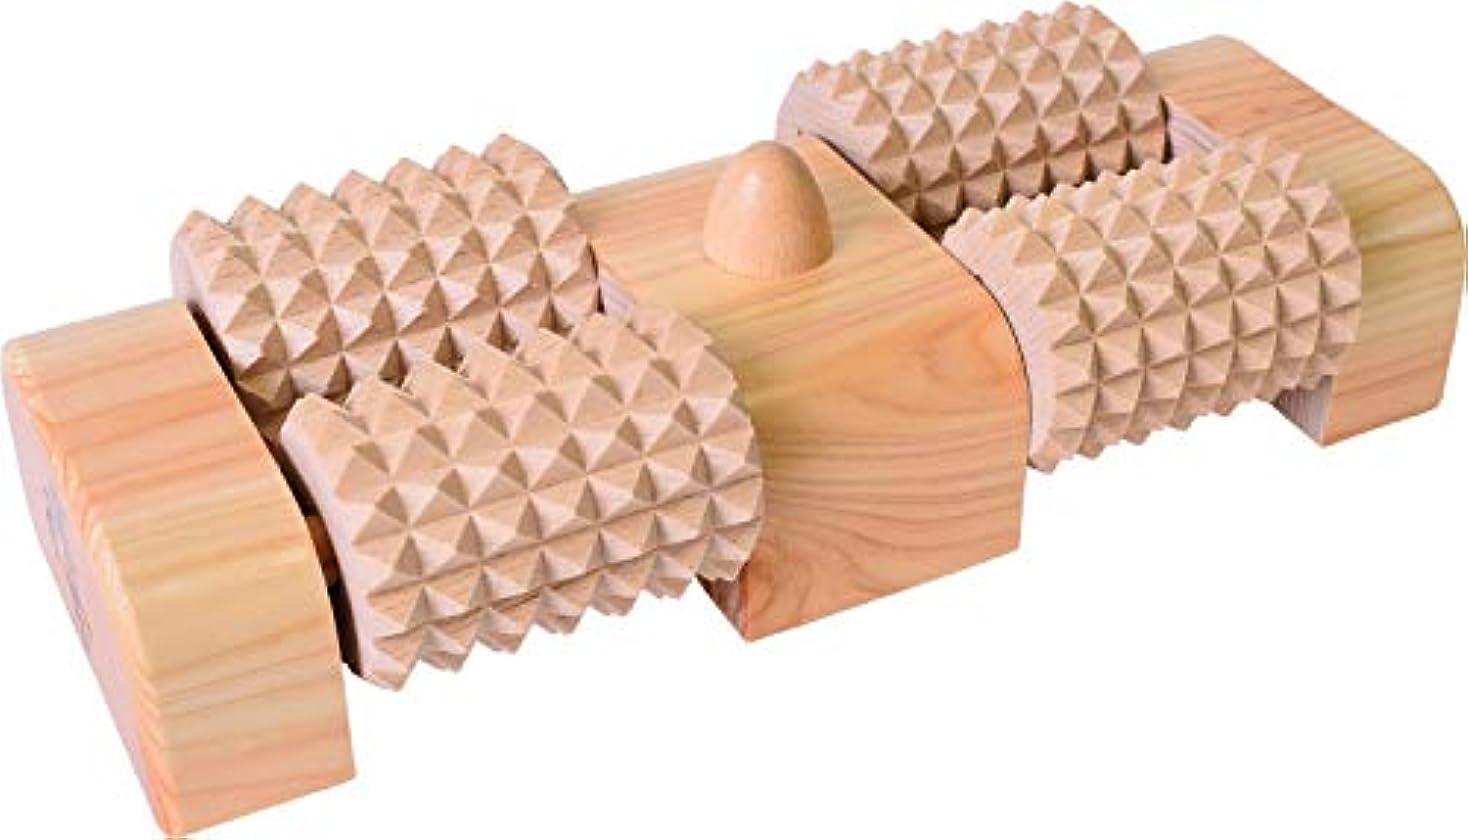 勝利したカート抵抗する木曽工芸 ウッドローラーマッサージャー 足うら思い(W) ツボ押し付き WDM-004